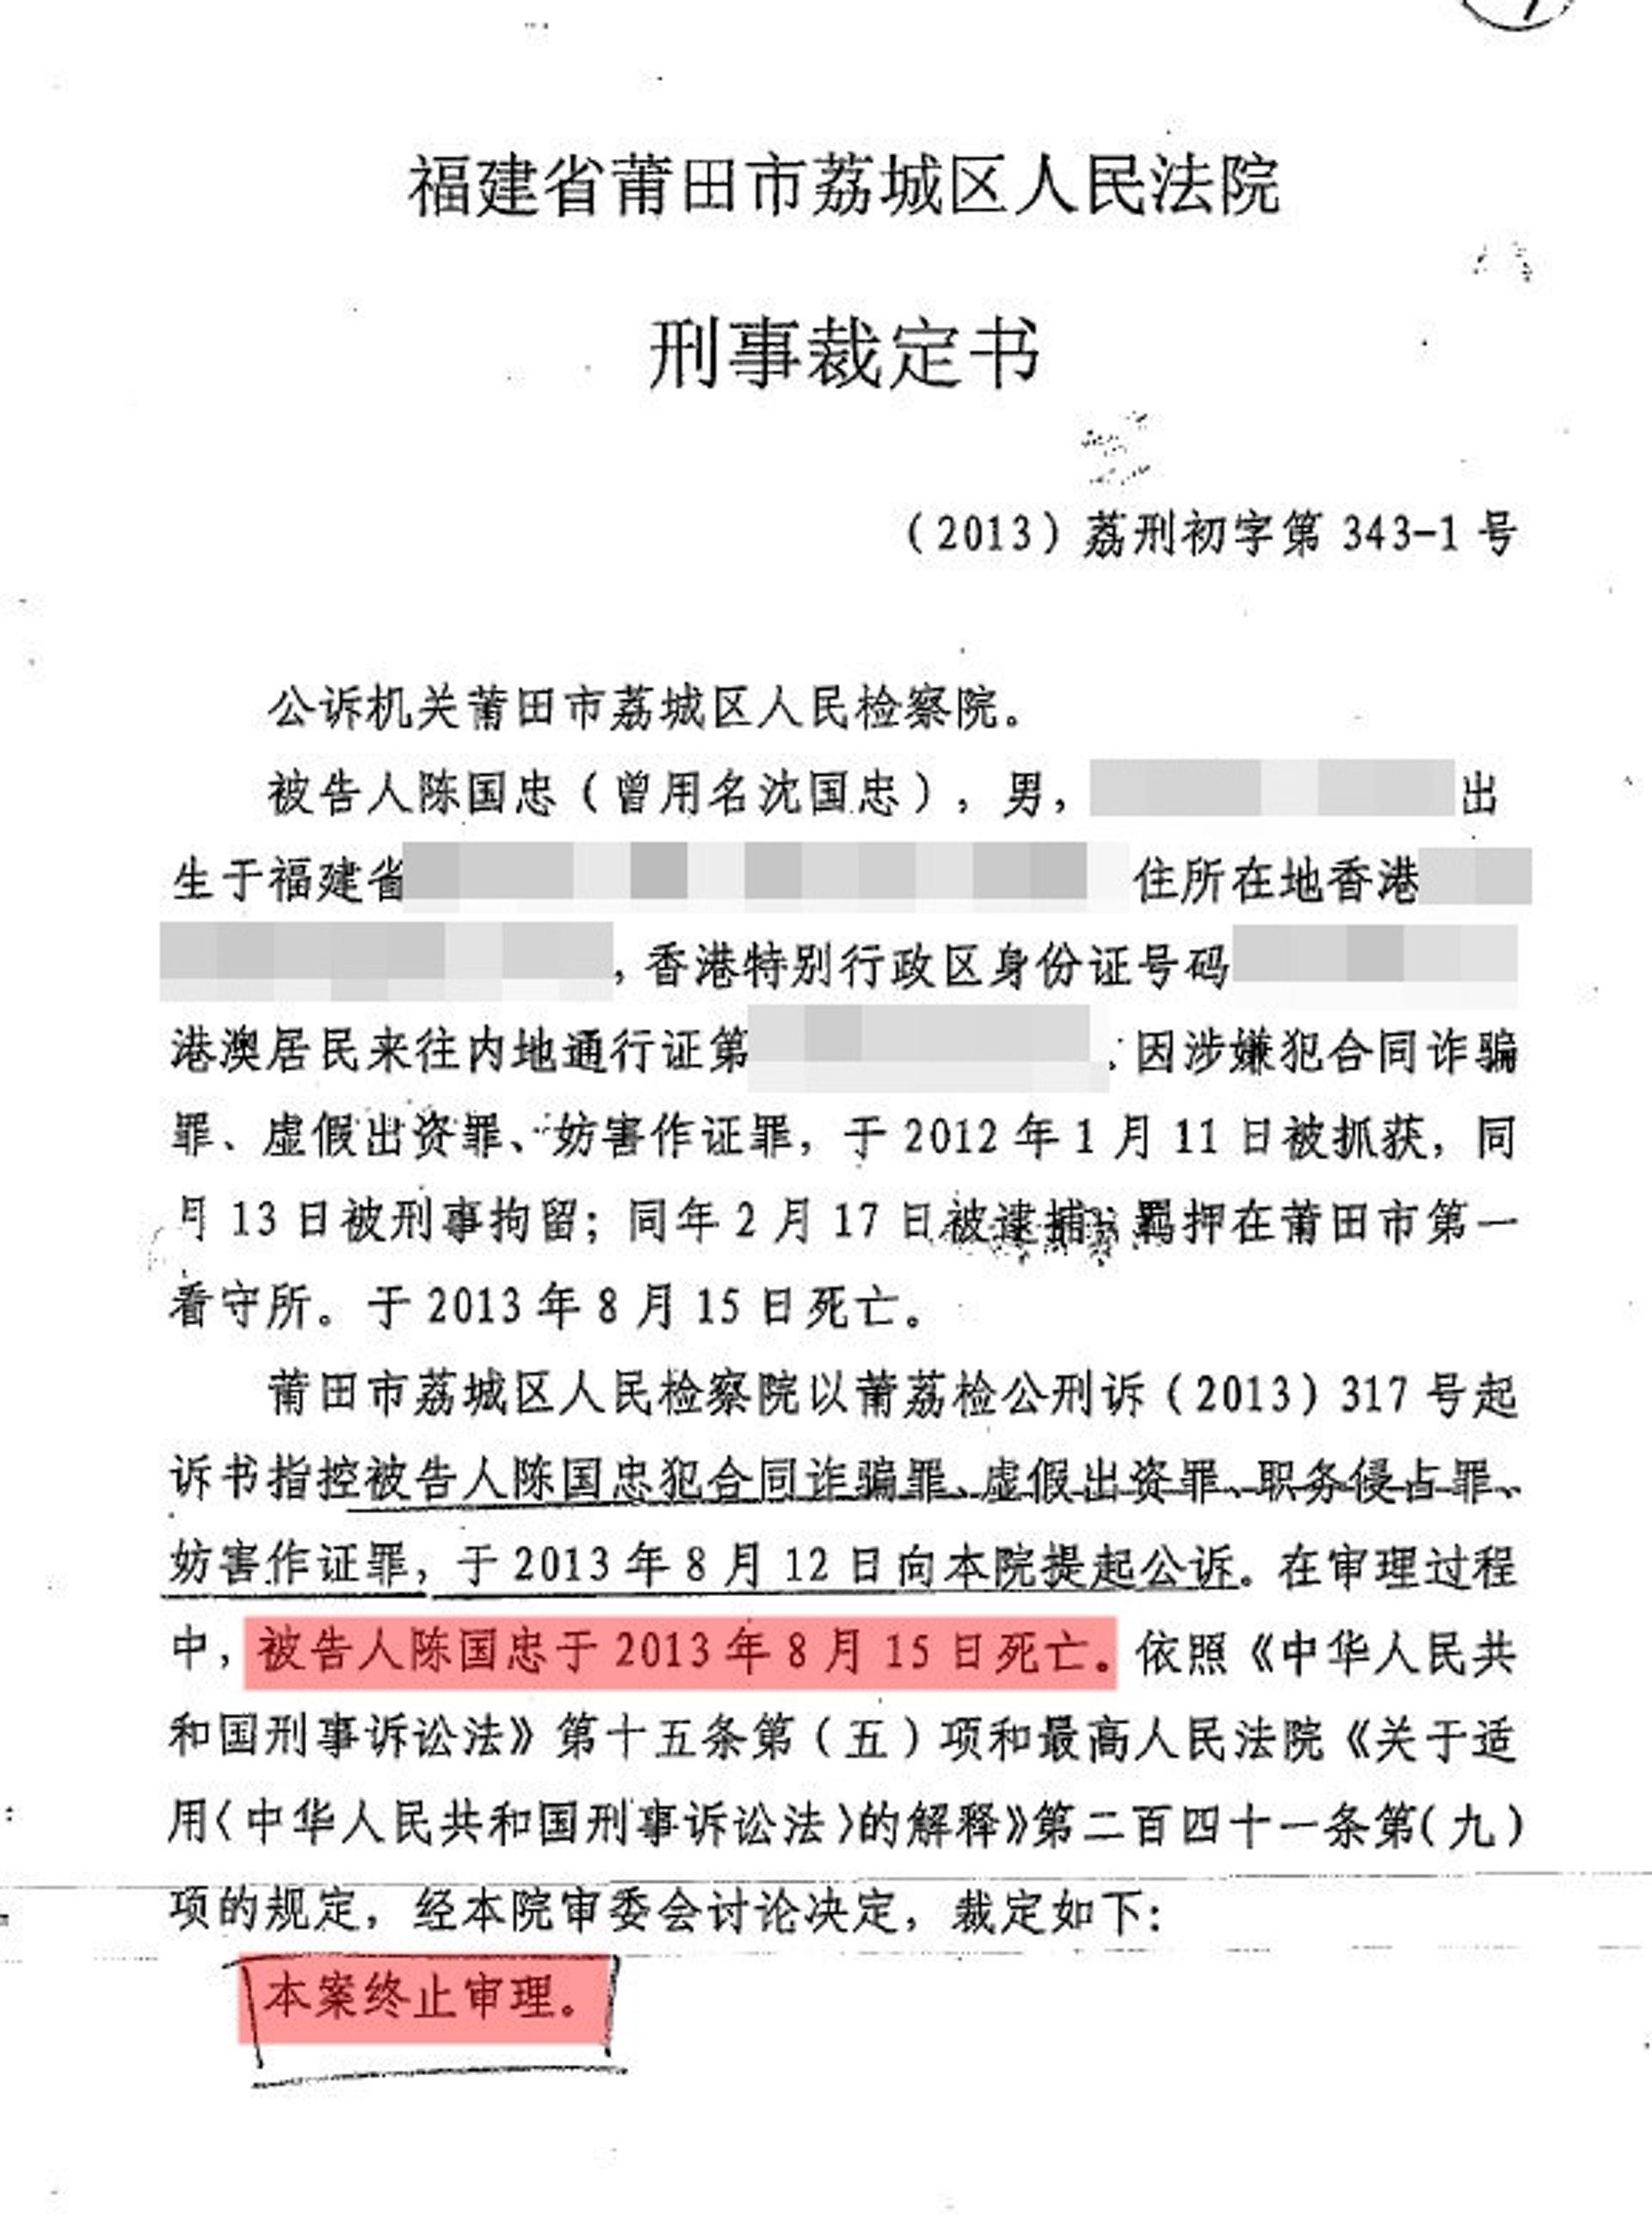 福建省莆田市荔城區人民法院裁定,終止審理陳國忠案件。